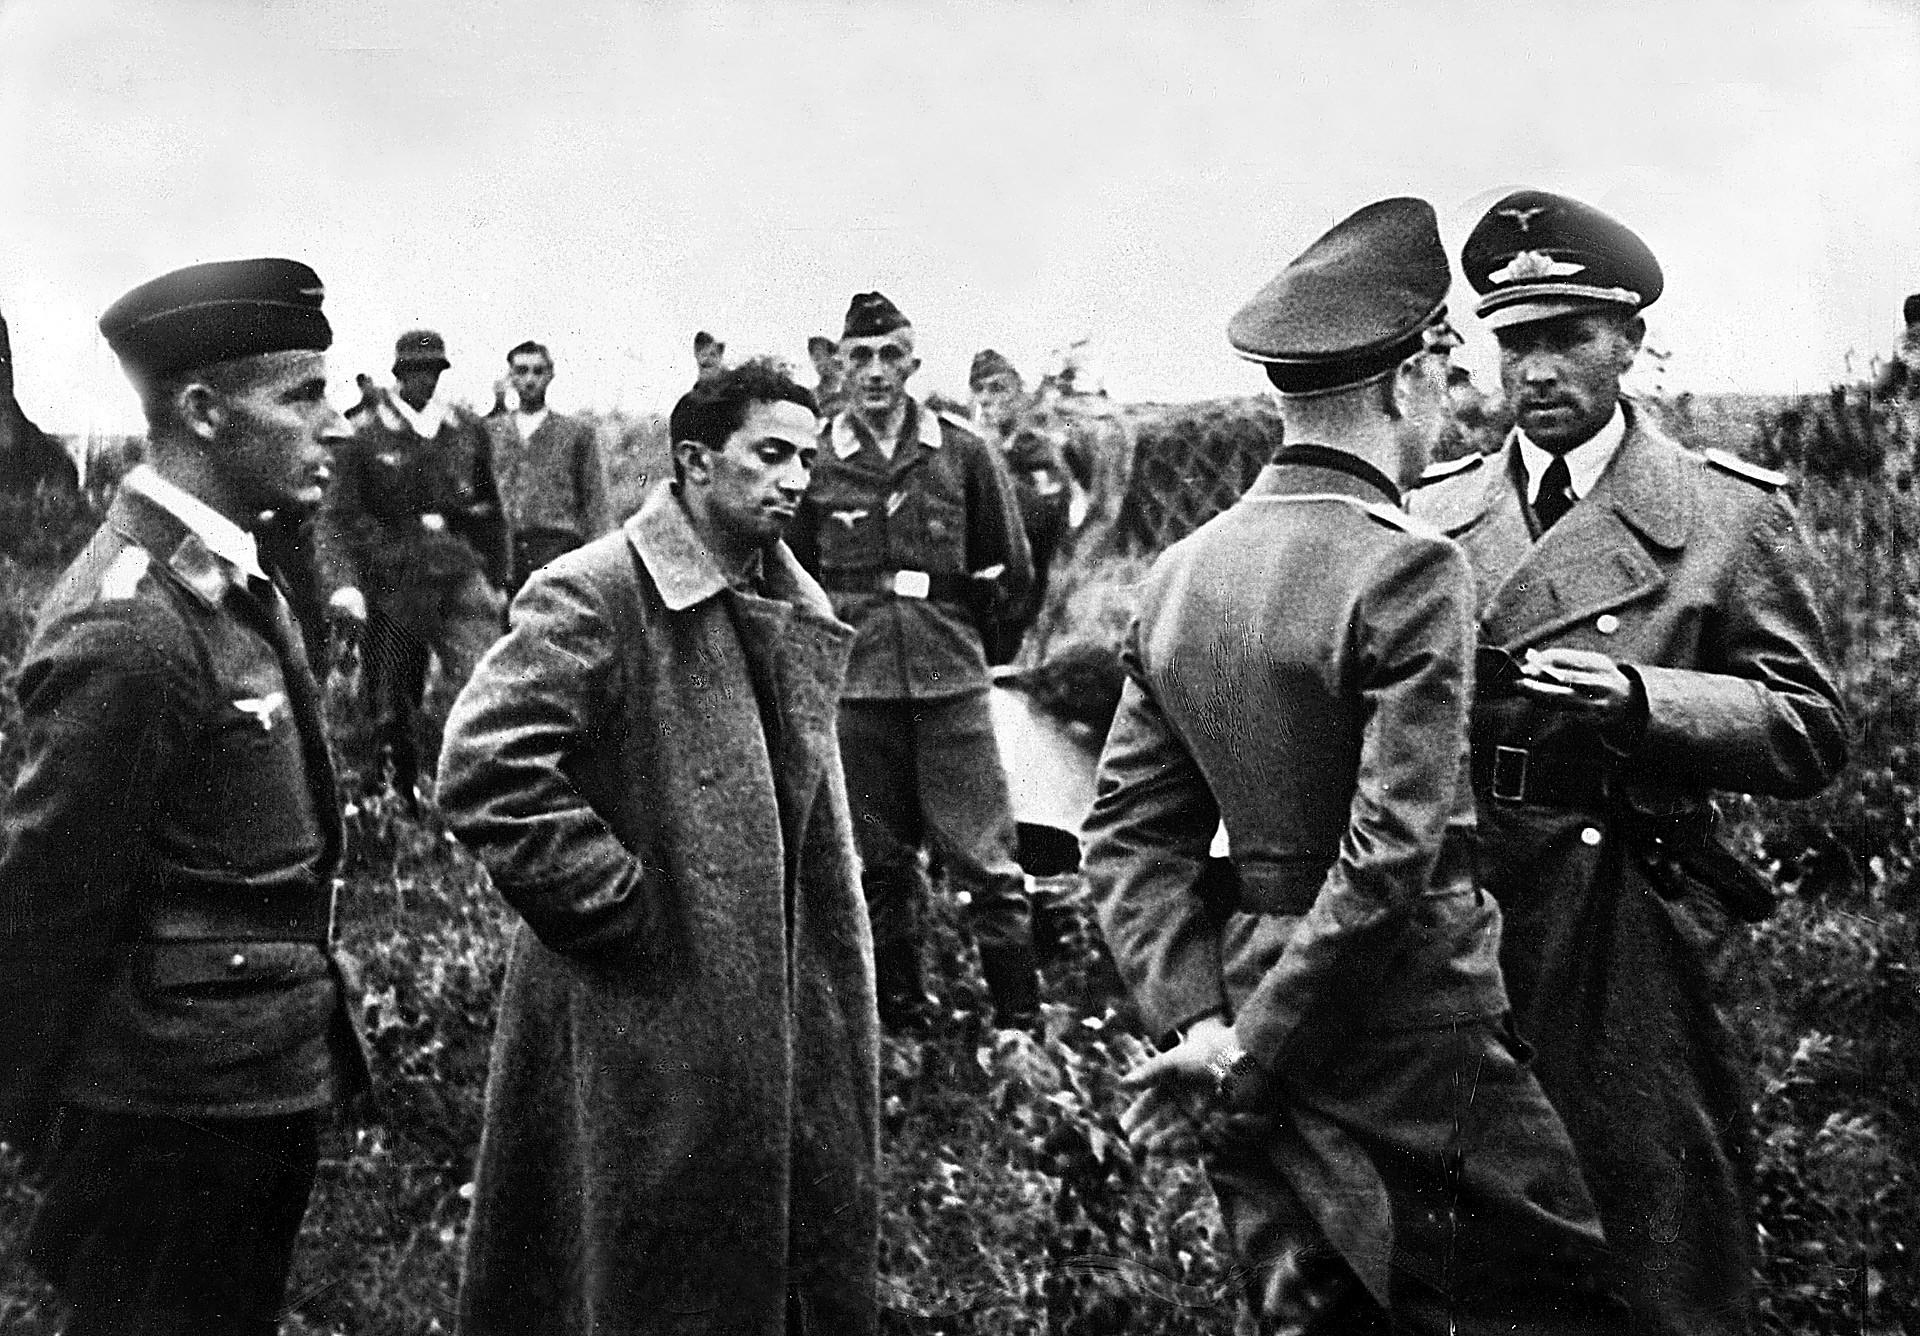 Il primogenito di Stalin, Yakov Jugashvili, fu catturato dai tedeschi durante la Seconda guerra mondiale e non fece ritorno vivo. In questa foto è stato ritratto circondato da alcuni ufficiali tedeschi